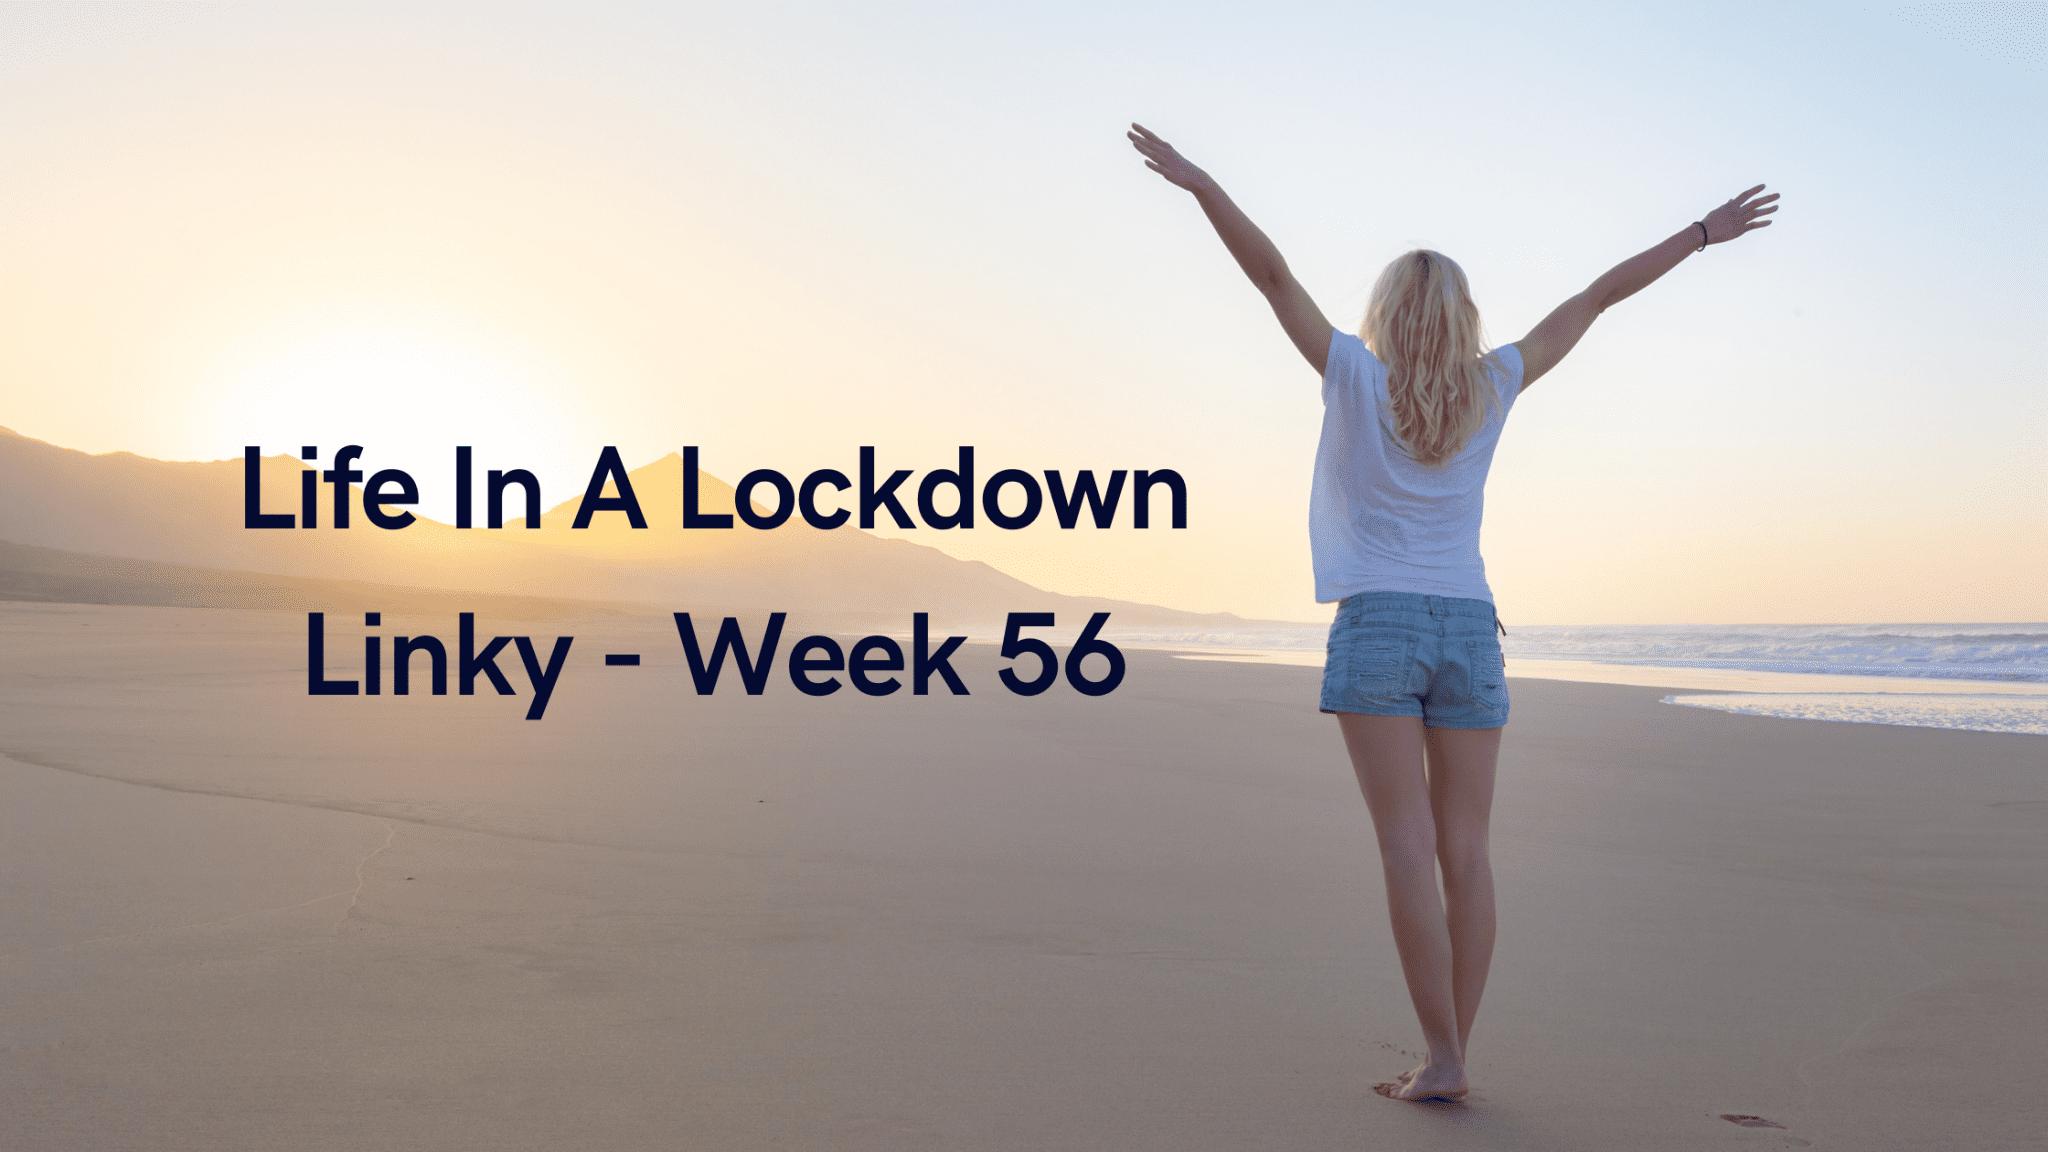 Life In A Lockdown Linky - Week 56